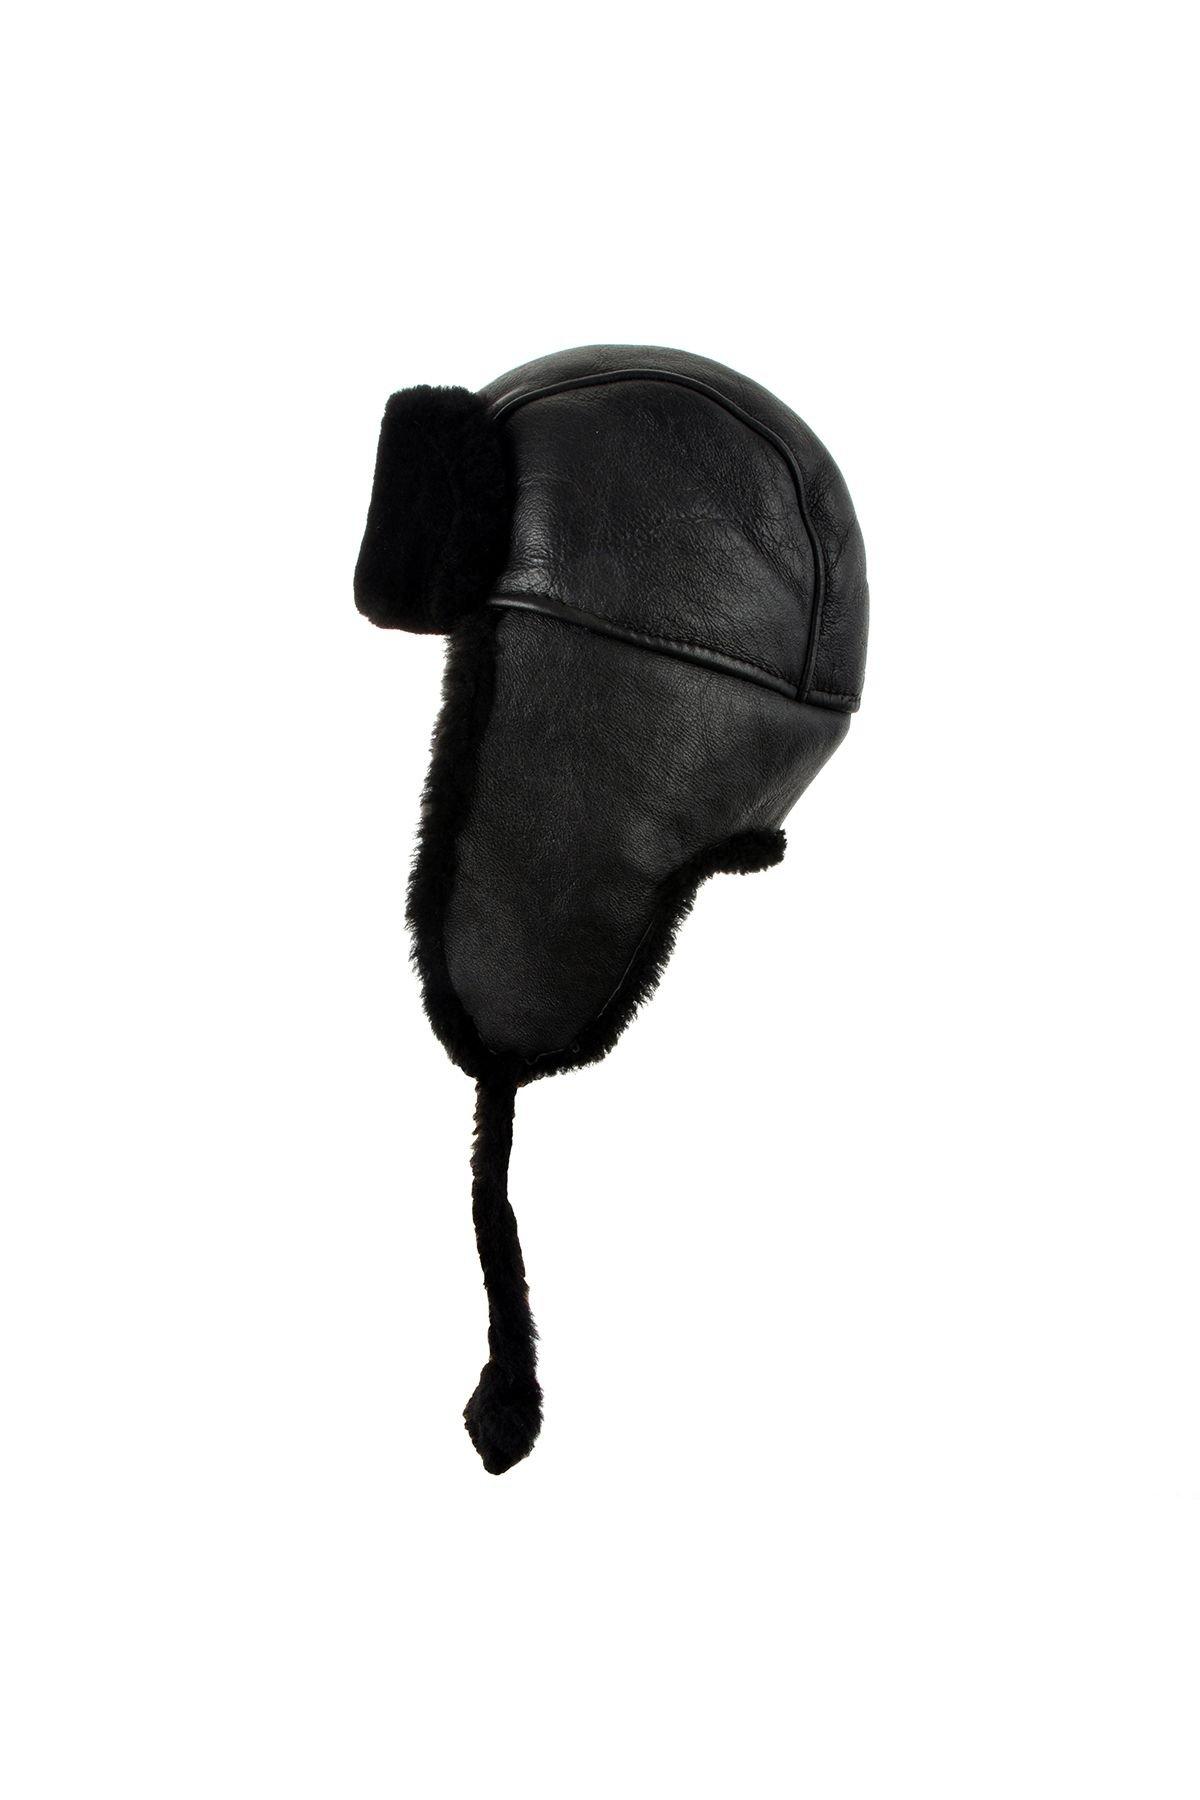 Pegia Hakiki Deri İçi Kürk Kulaklıklı Şapka 18AS07 Siyah